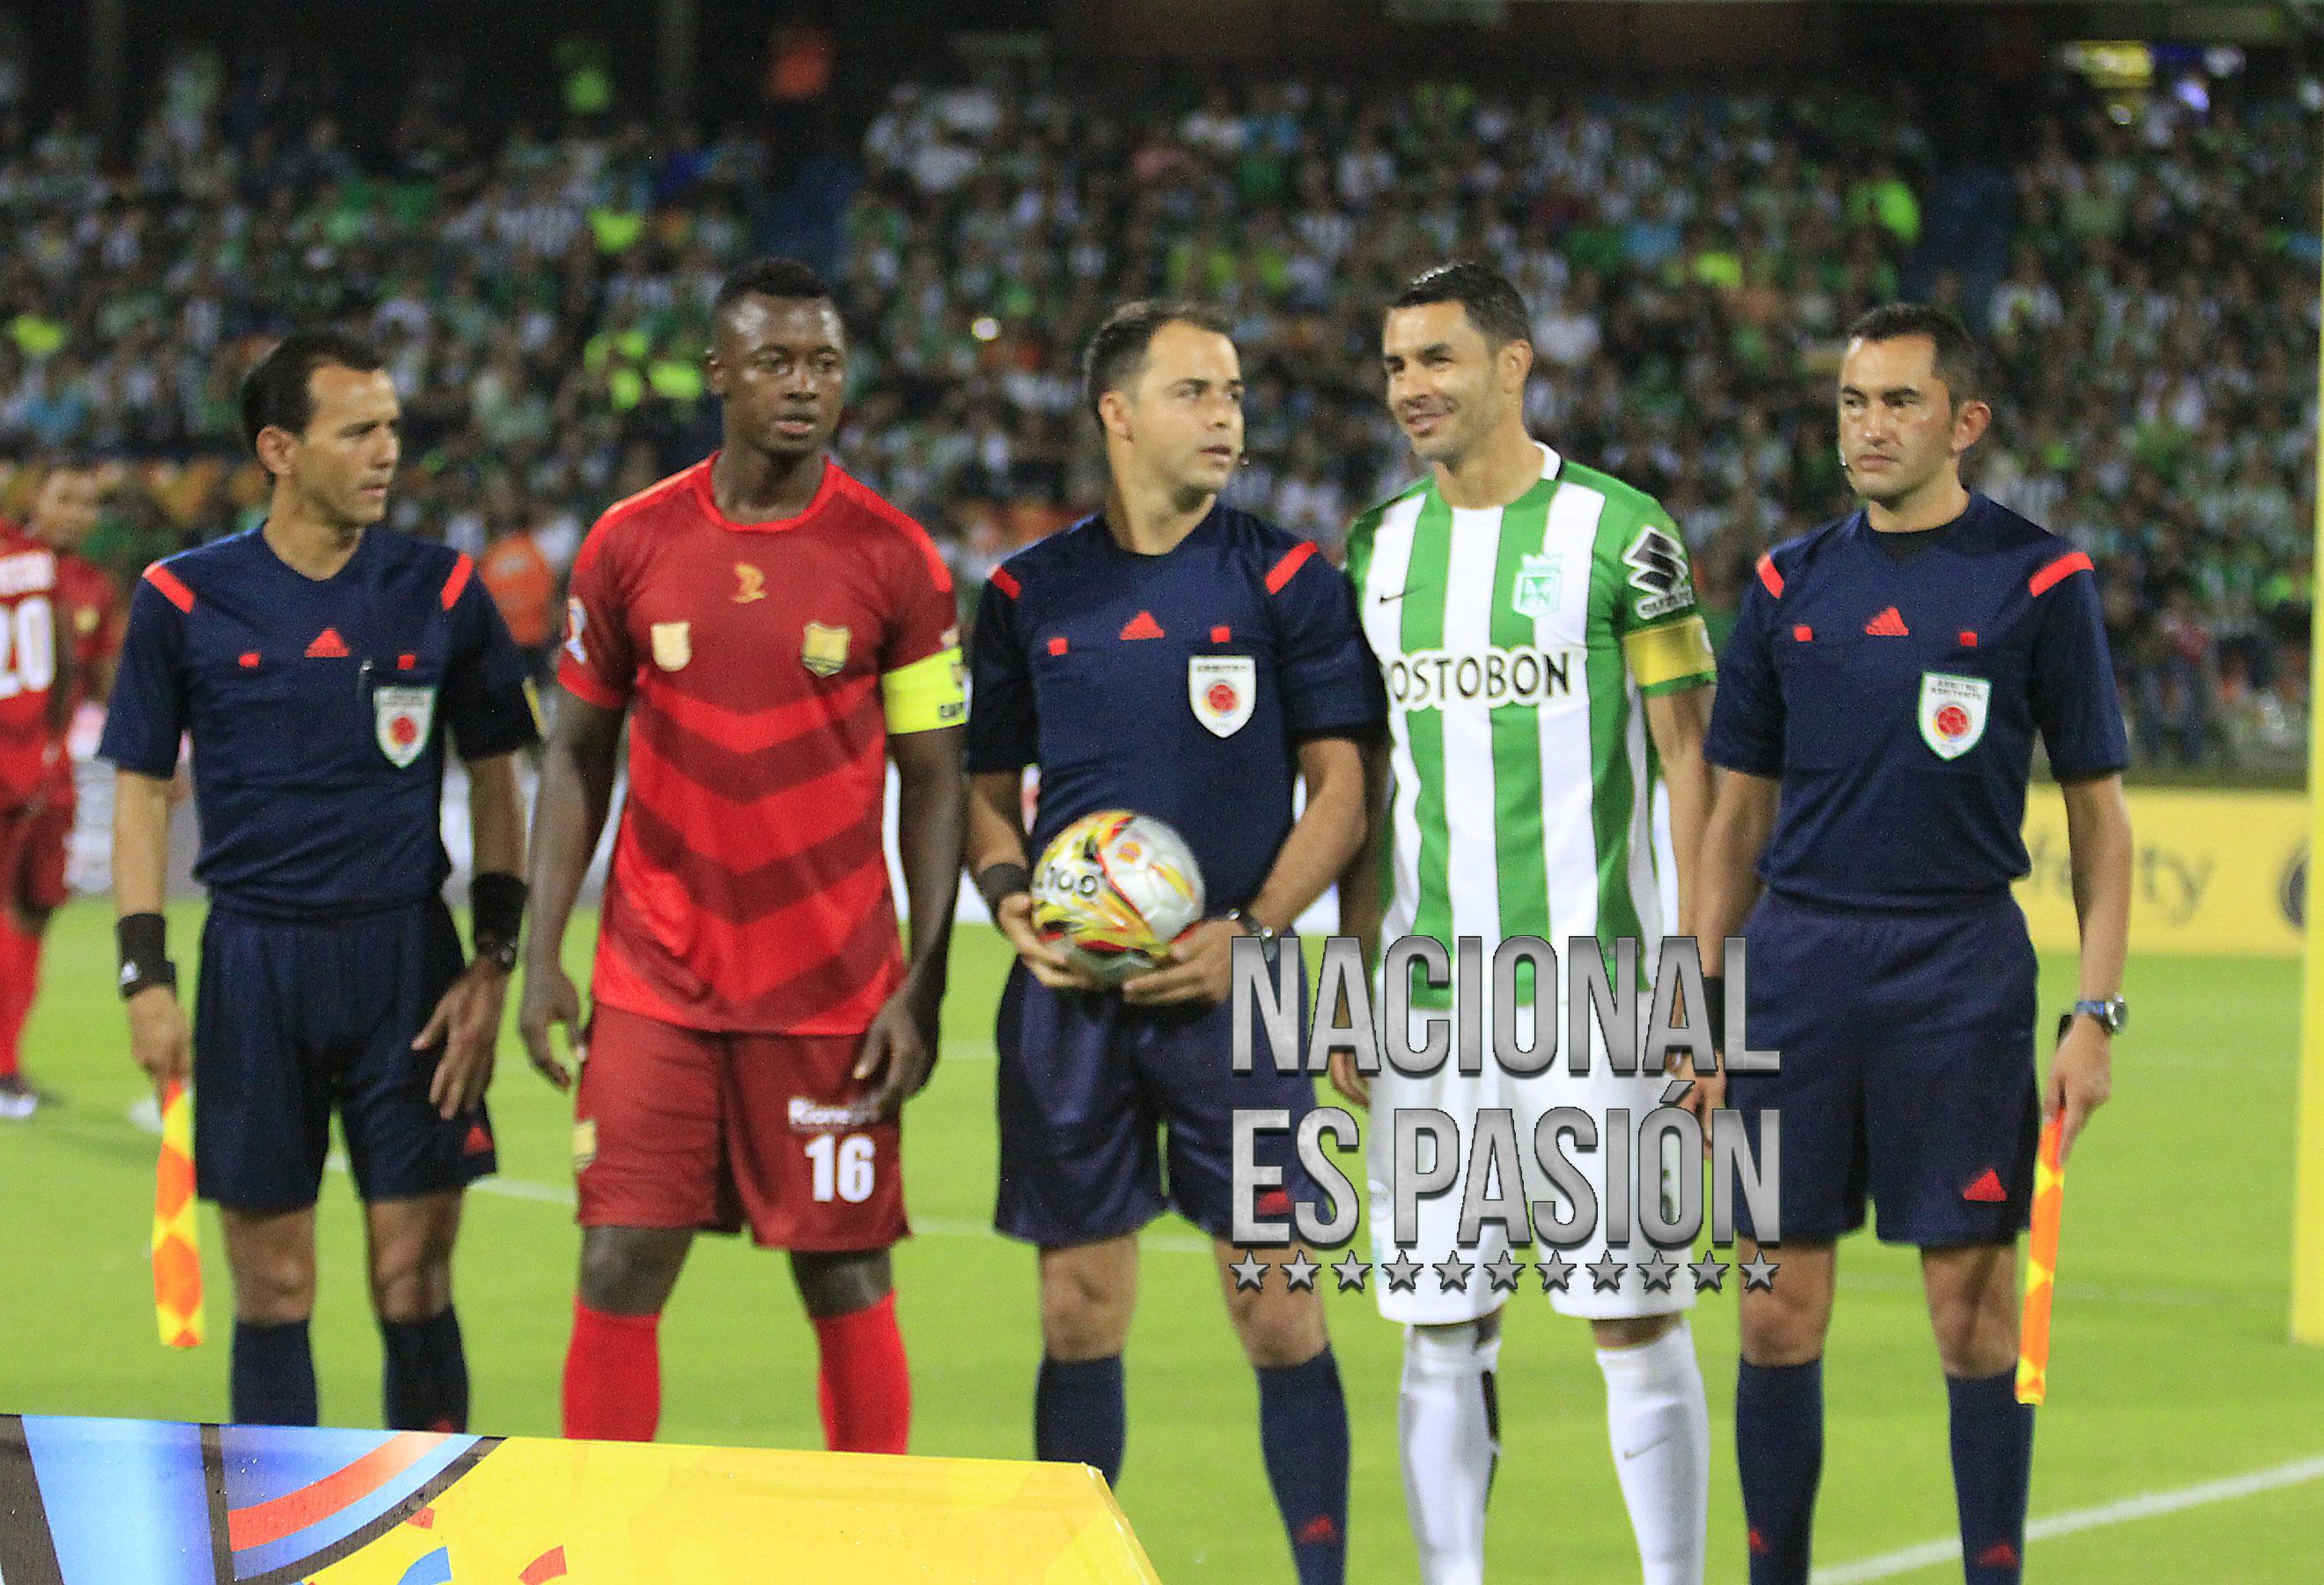 Atlético Nacional Vs Rionegro Águilas, en imágenes